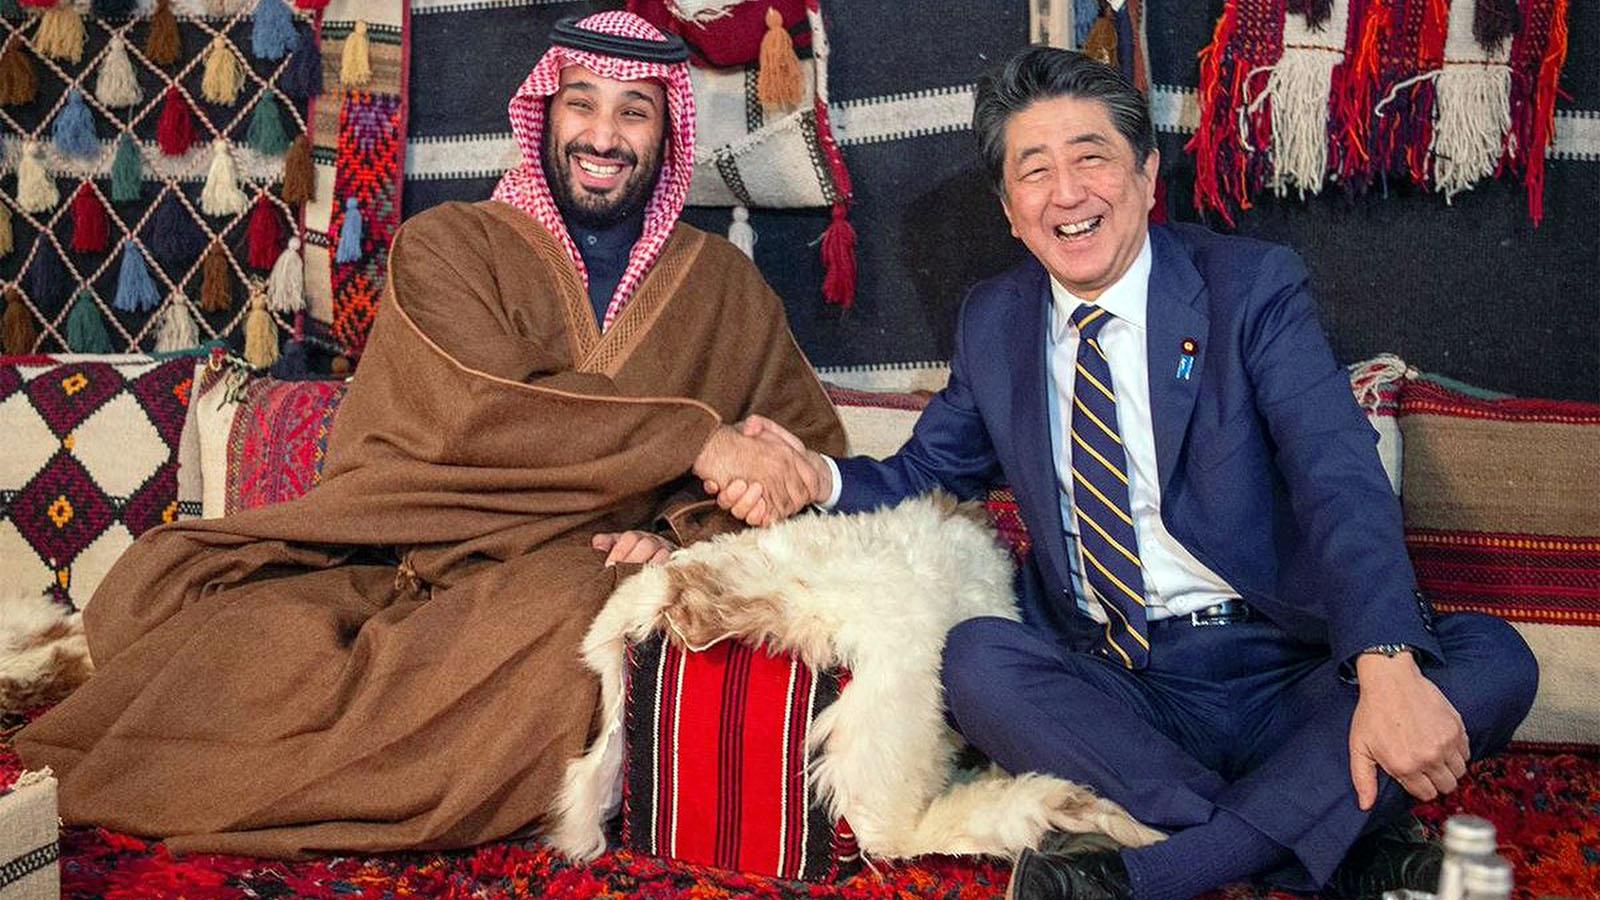 2020年1月中旬日本首相安倍展开中东3国之旅。右为安倍,左为沙特阿拉伯王储穆罕默德(Mohammed bin Salman)。(美联社)